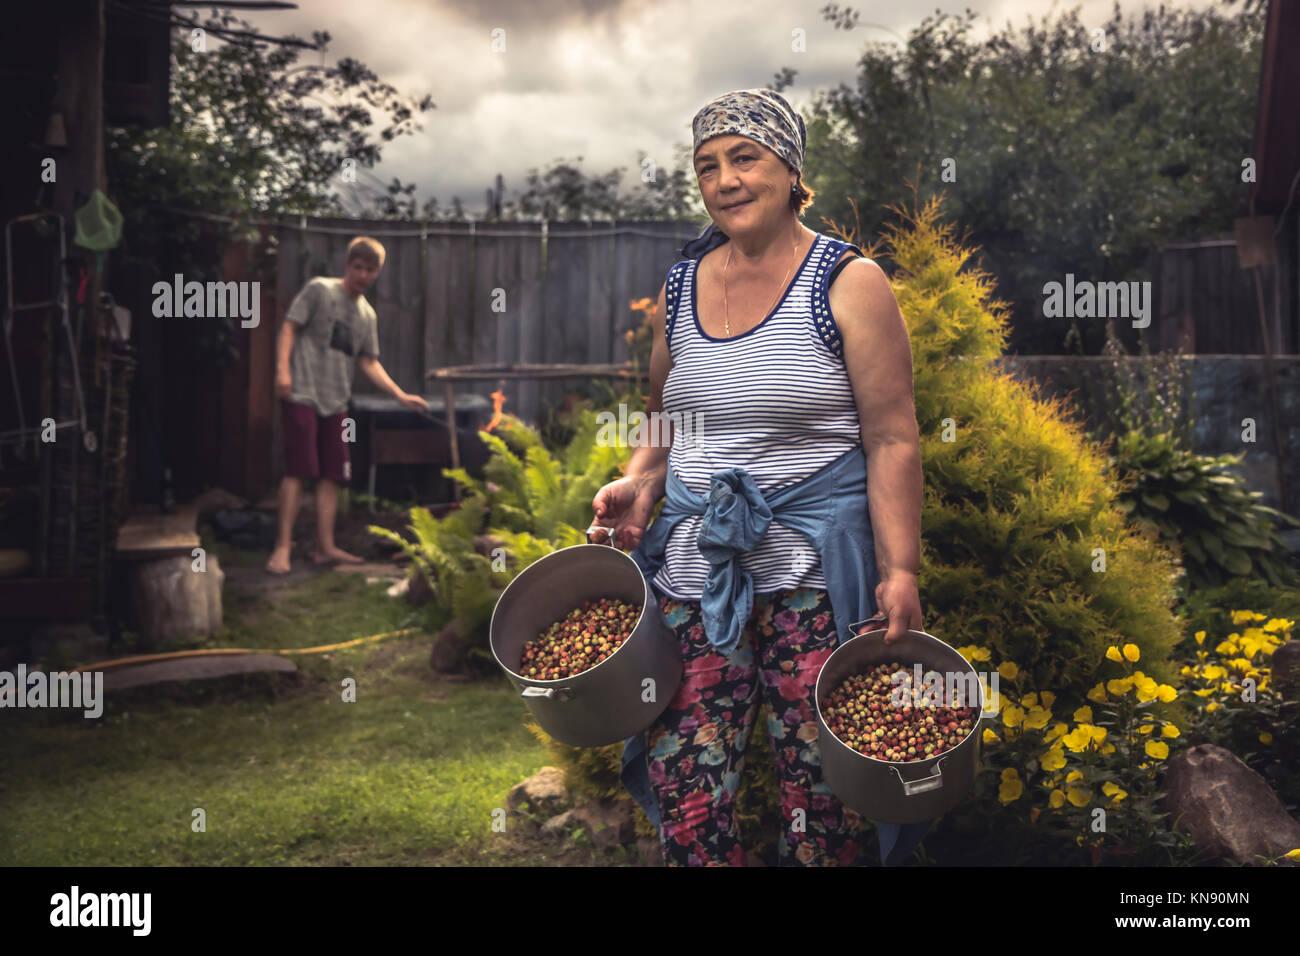 Alegre altos de la mujer campesina en el jardín con la cosecha de fresas maduras durante el verano temporada Imagen De Stock